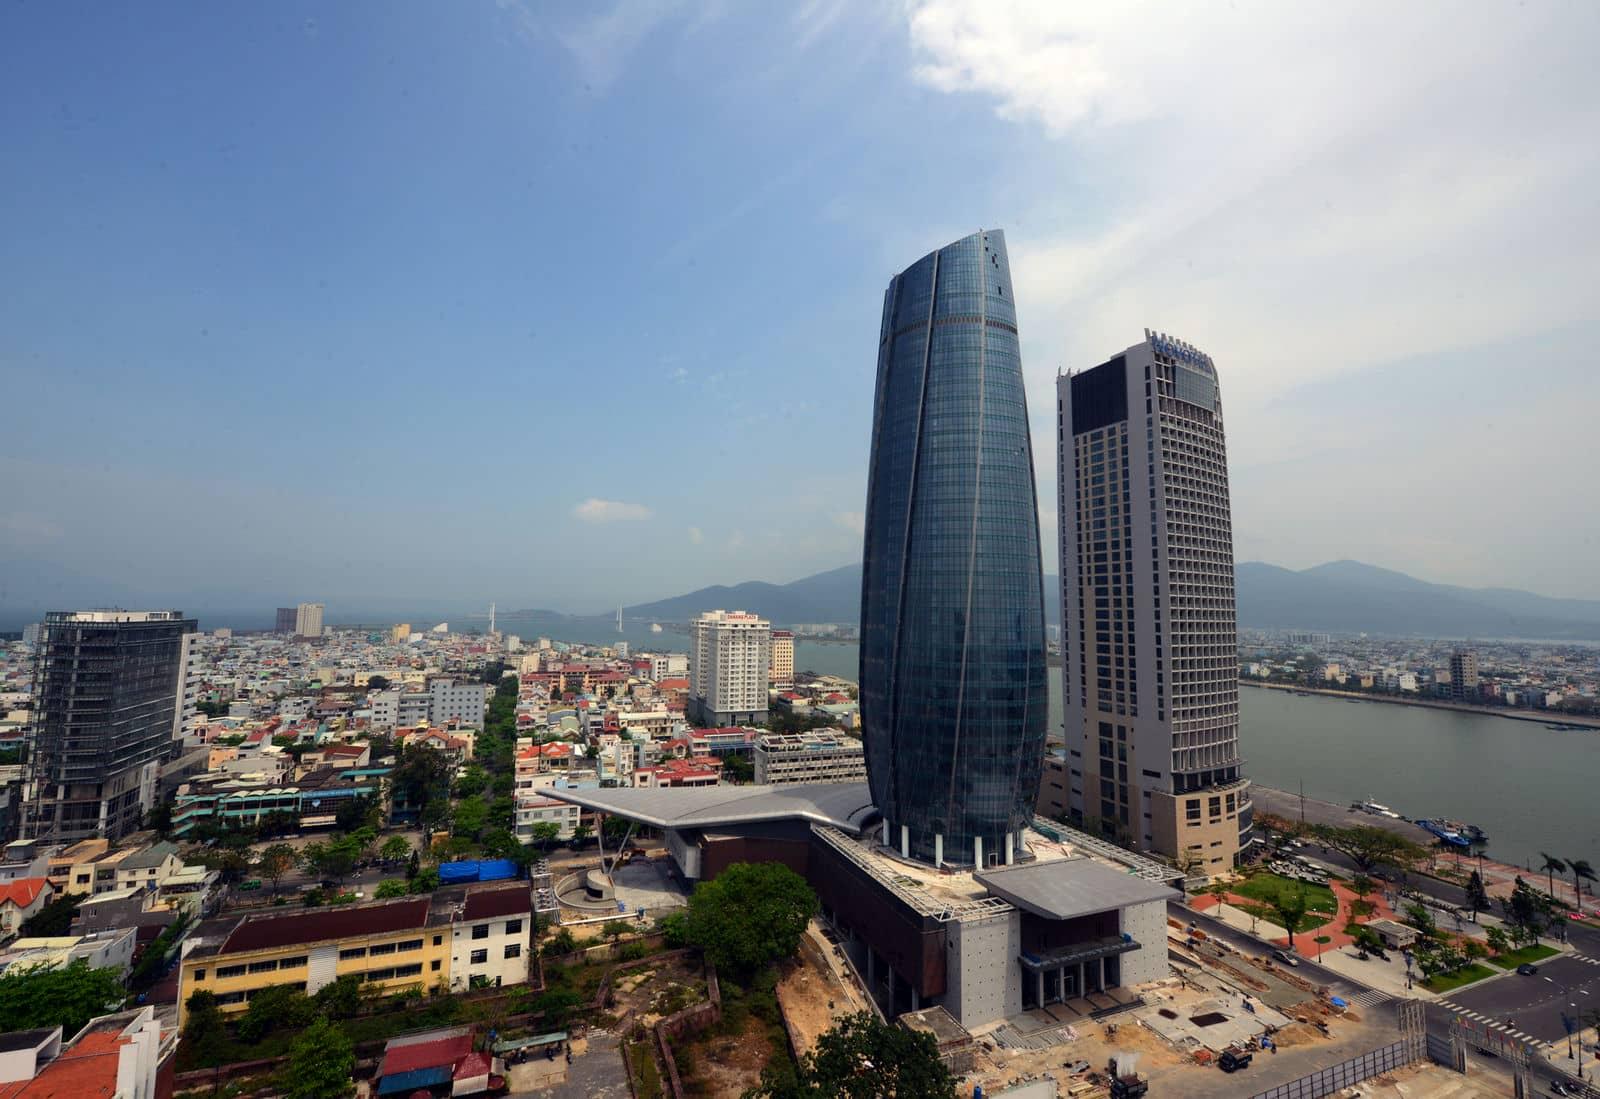 Có rất nhiều khách sạn khu vực trung tâm Đà Nẵng